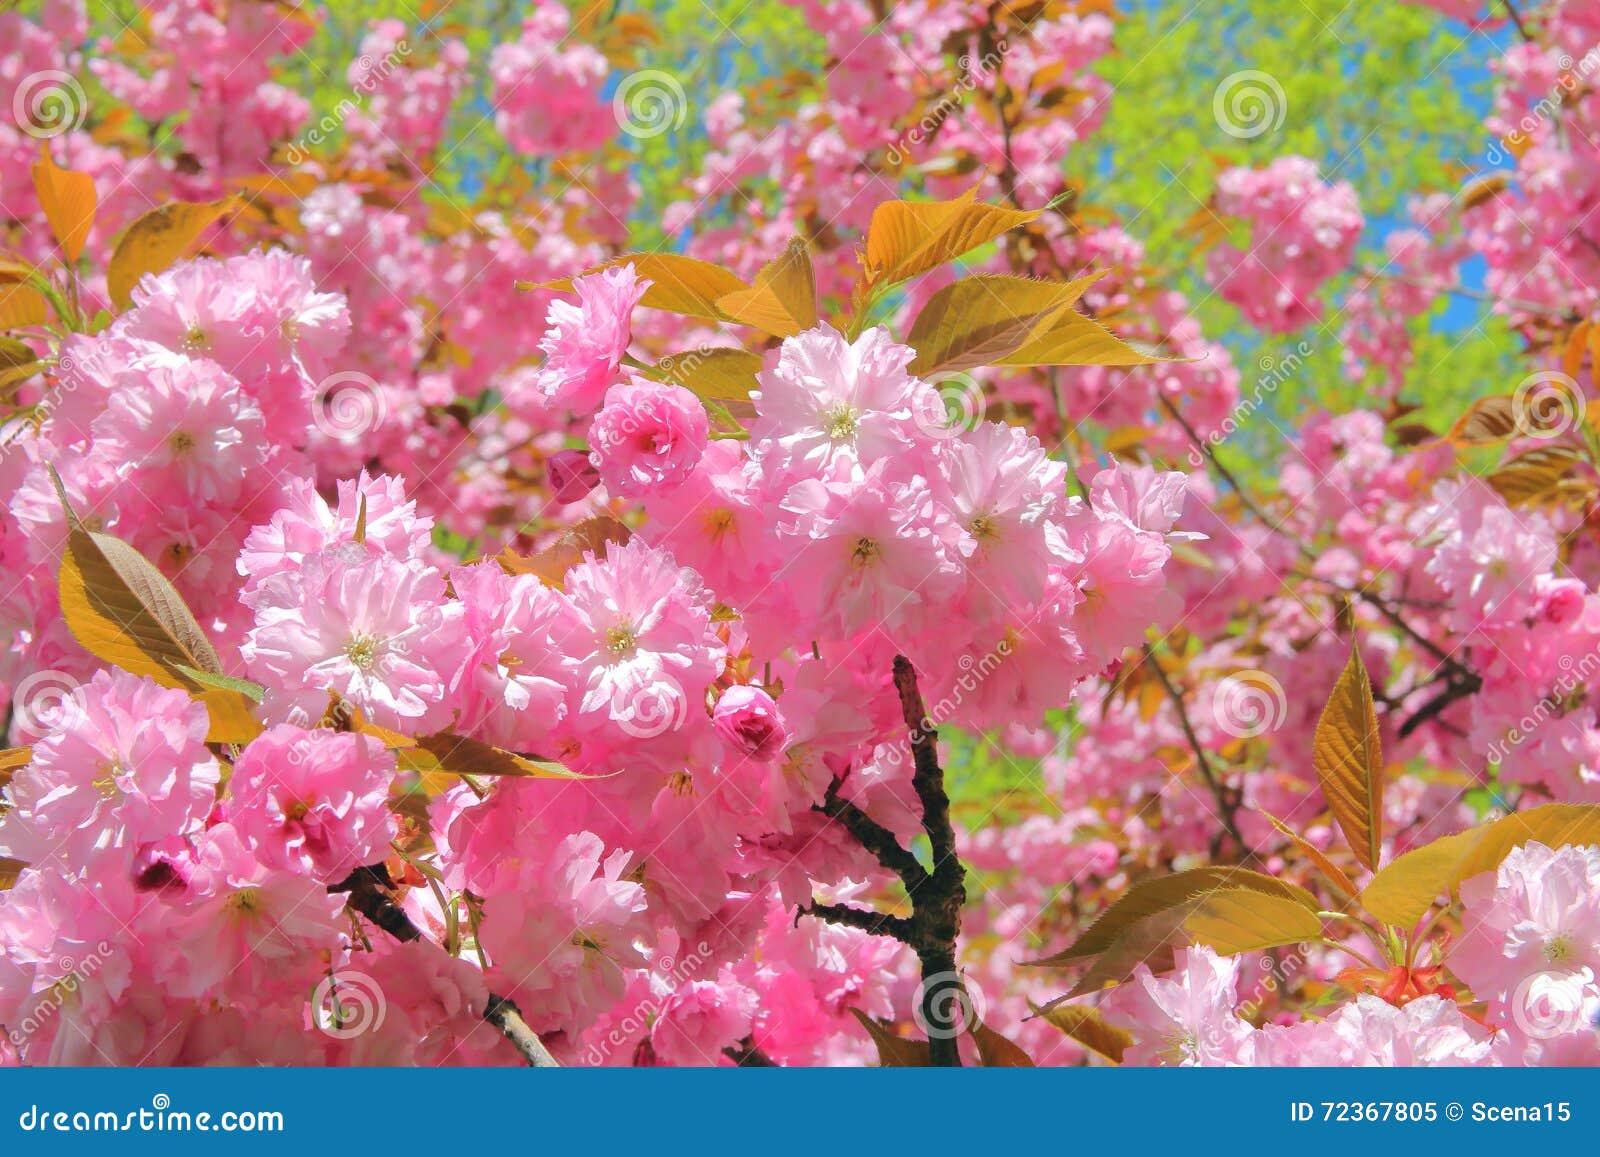 榆叶梅装饰物树